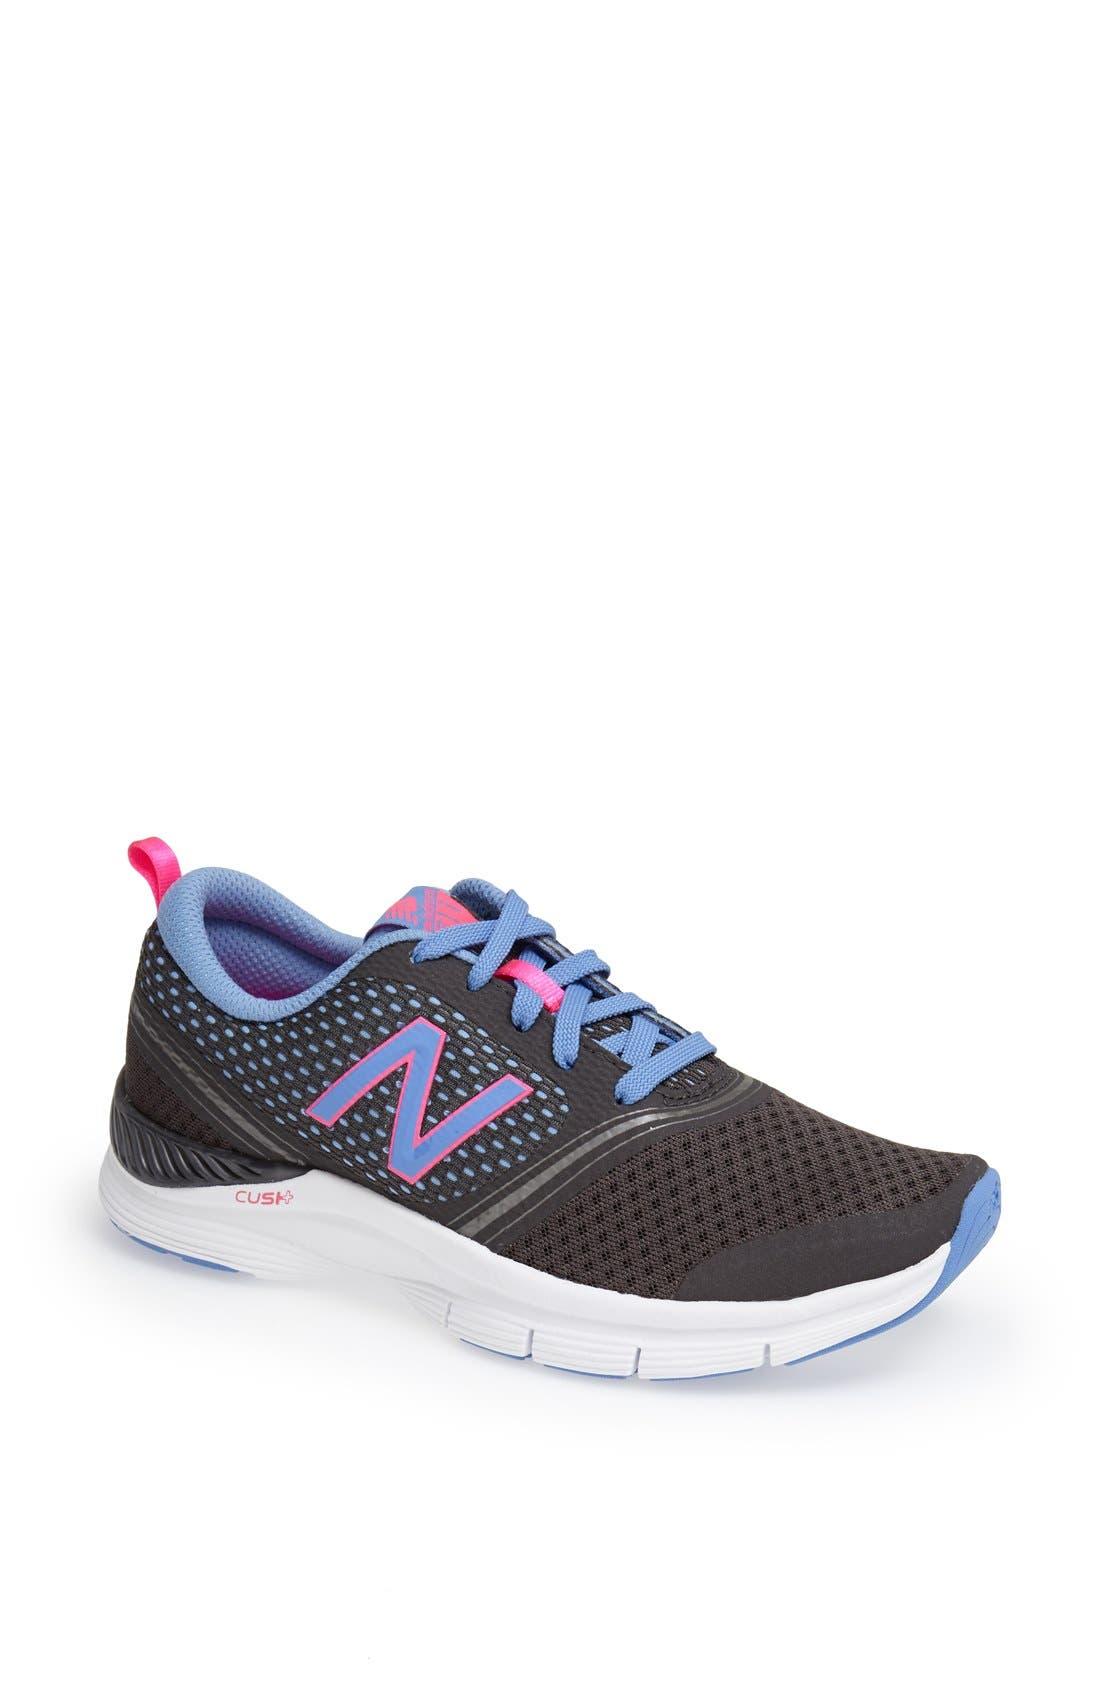 Main Image - New Balance 'WX711' Running Shoe (Women)